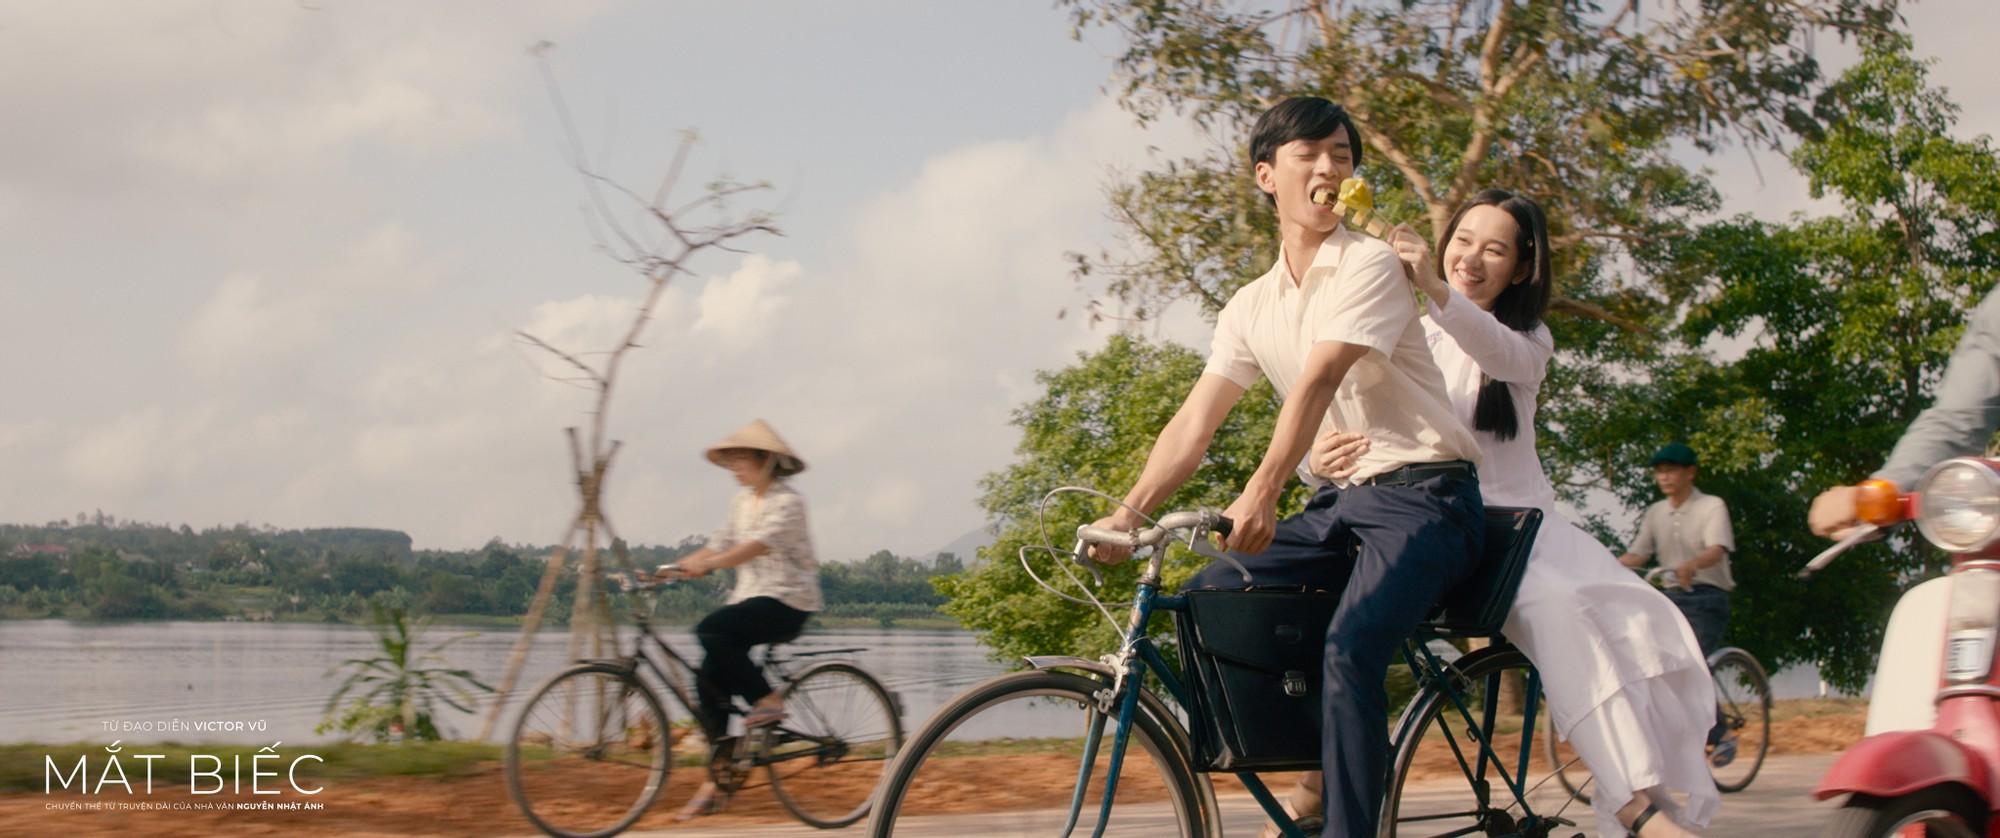 Mắt Biếc tung teaser nhạc đỉnh - cảnh đẹp: Ai cũng nức nở gọi tên Phan Mạnh Quỳnh! - Ảnh 1.